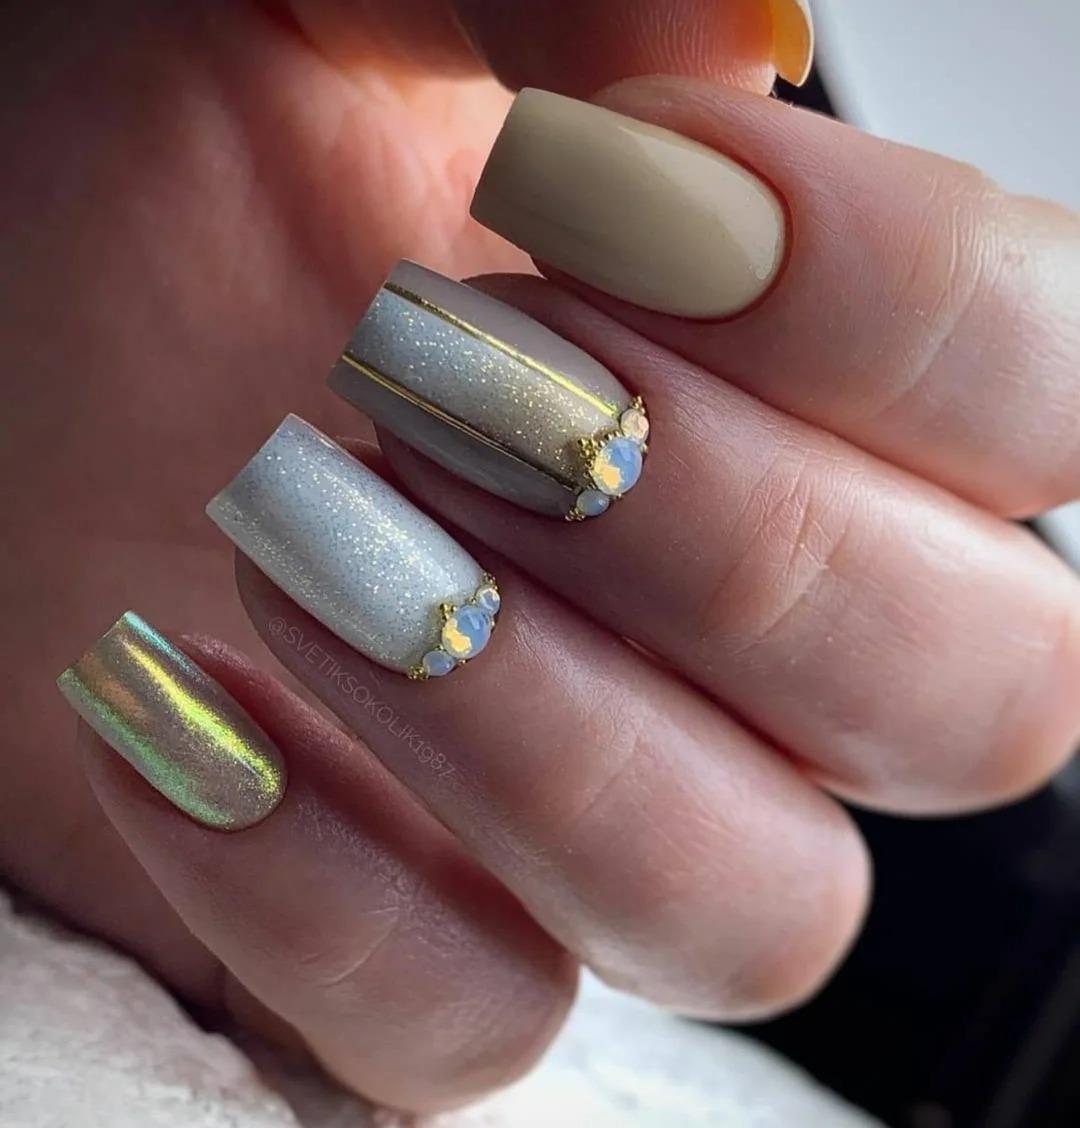 Подборка модного маникюра на февраль. Стильные дизайны, идеи ногтей, фото 2021.